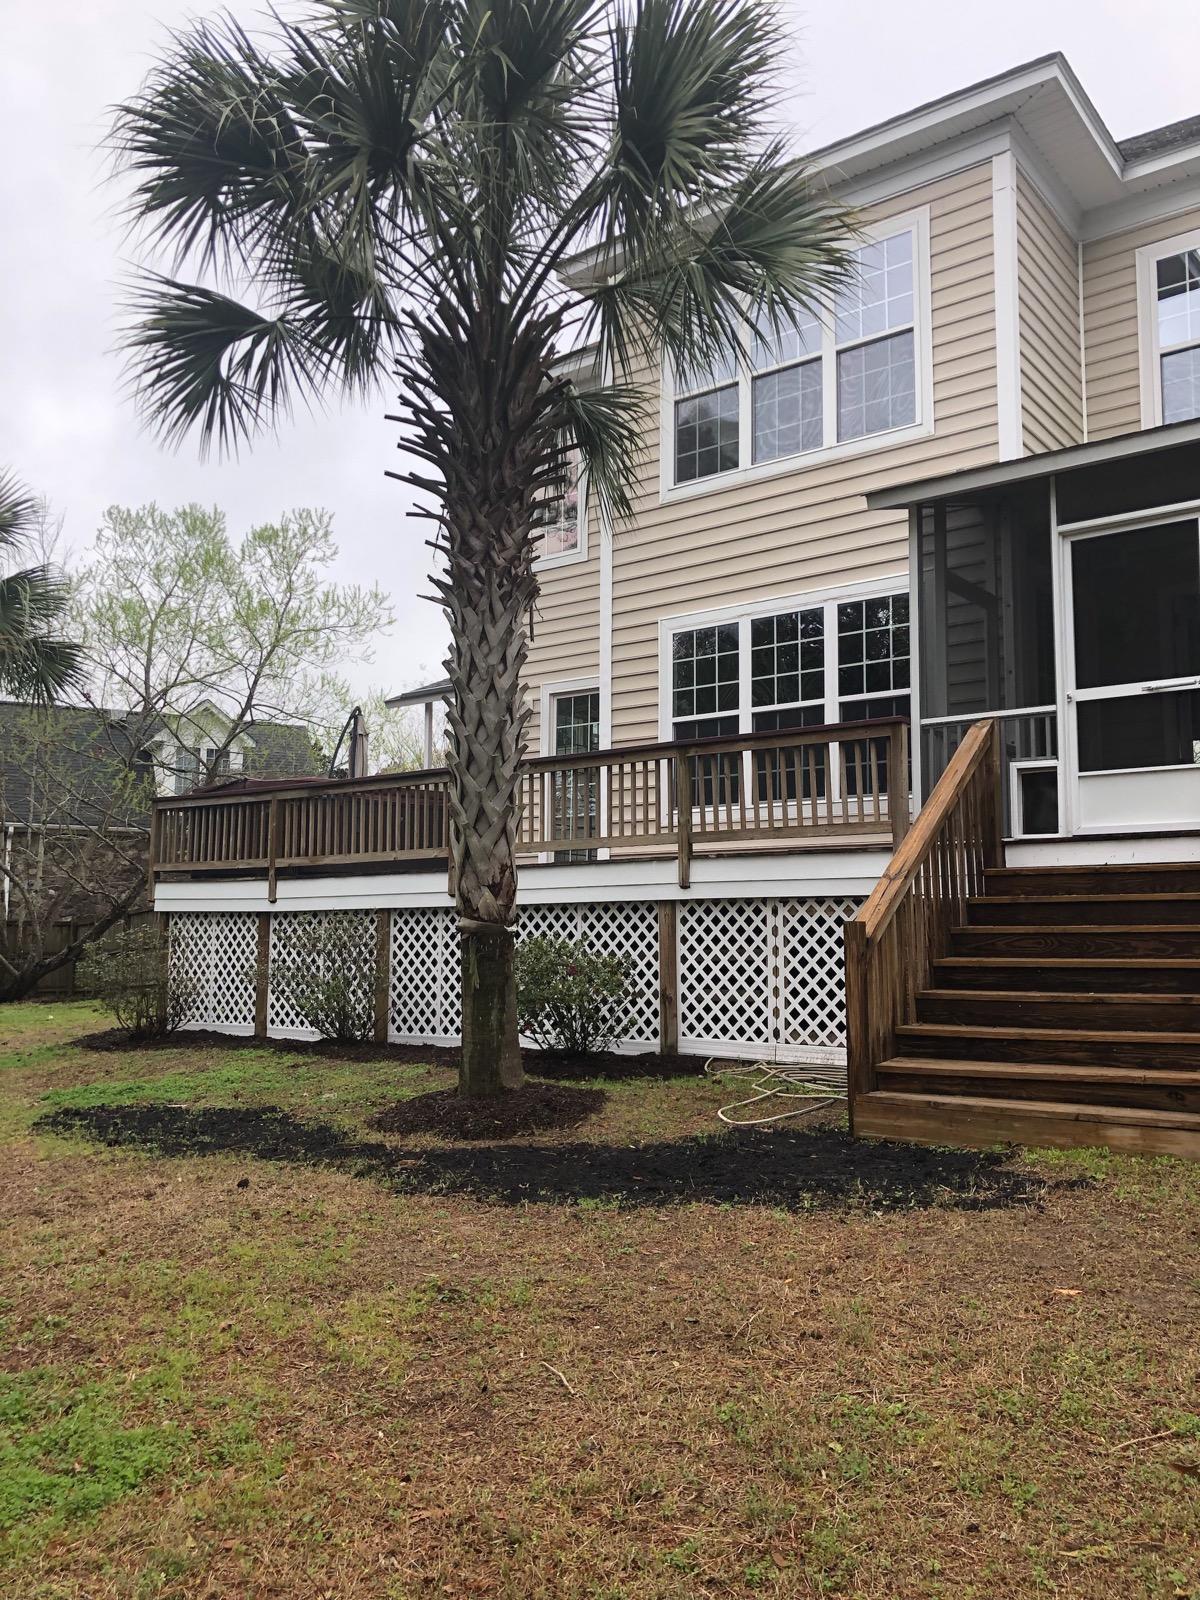 Indigo Fields Homes For Sale - 5584 Indigo Fields, North Charleston, SC - 5